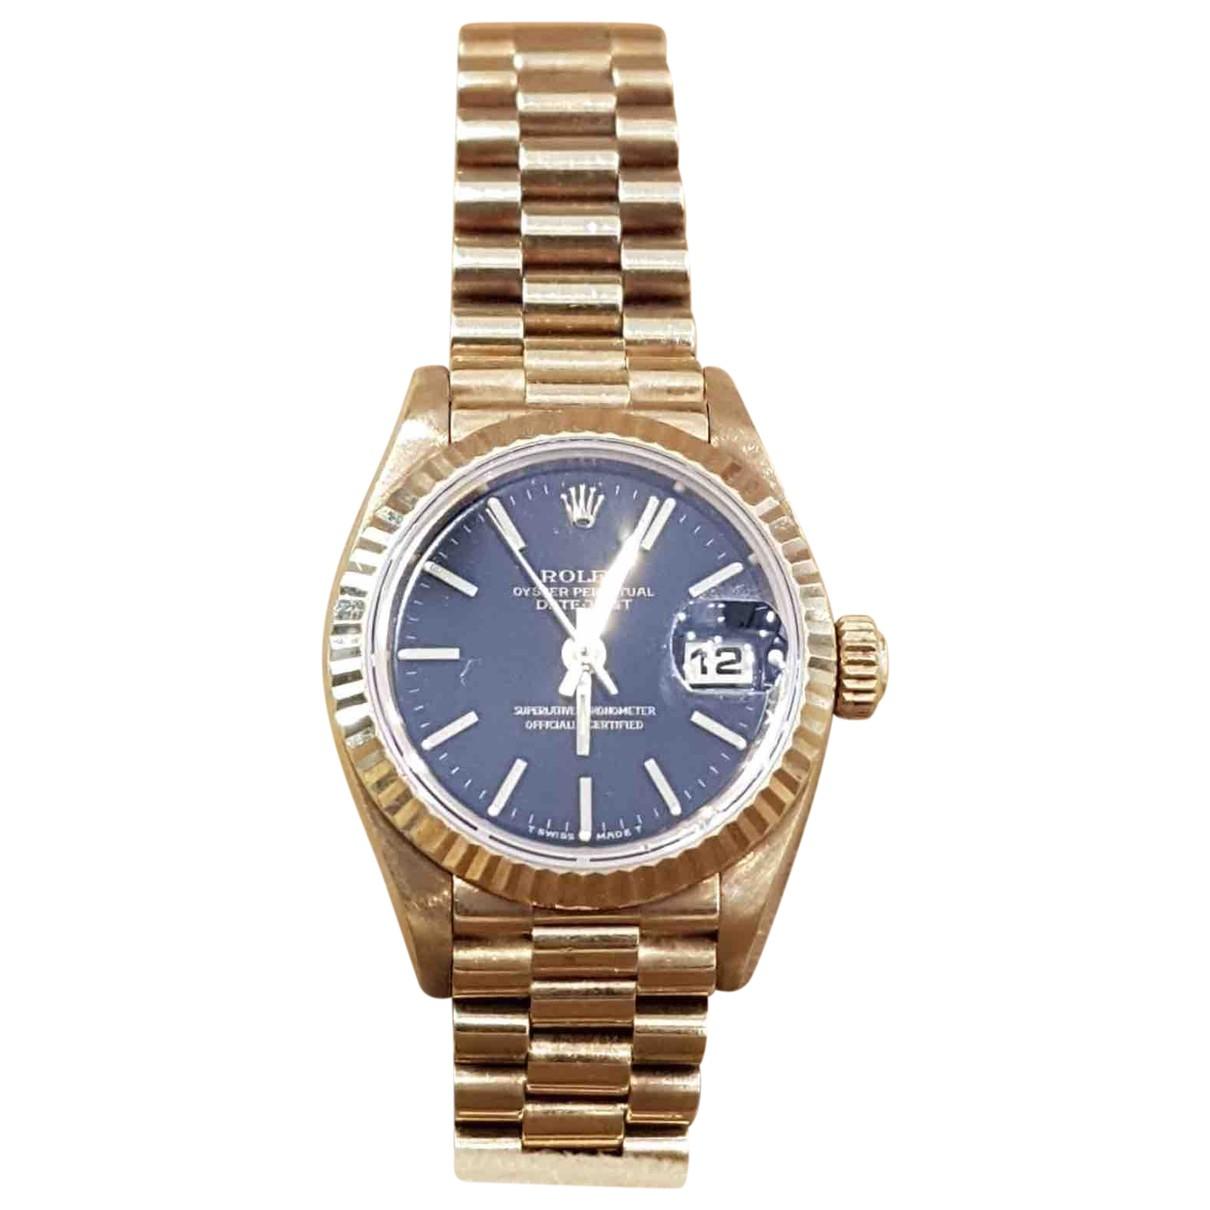 Rolex Lady DateJust 28mm Uhr in  Gelb Gelbgold